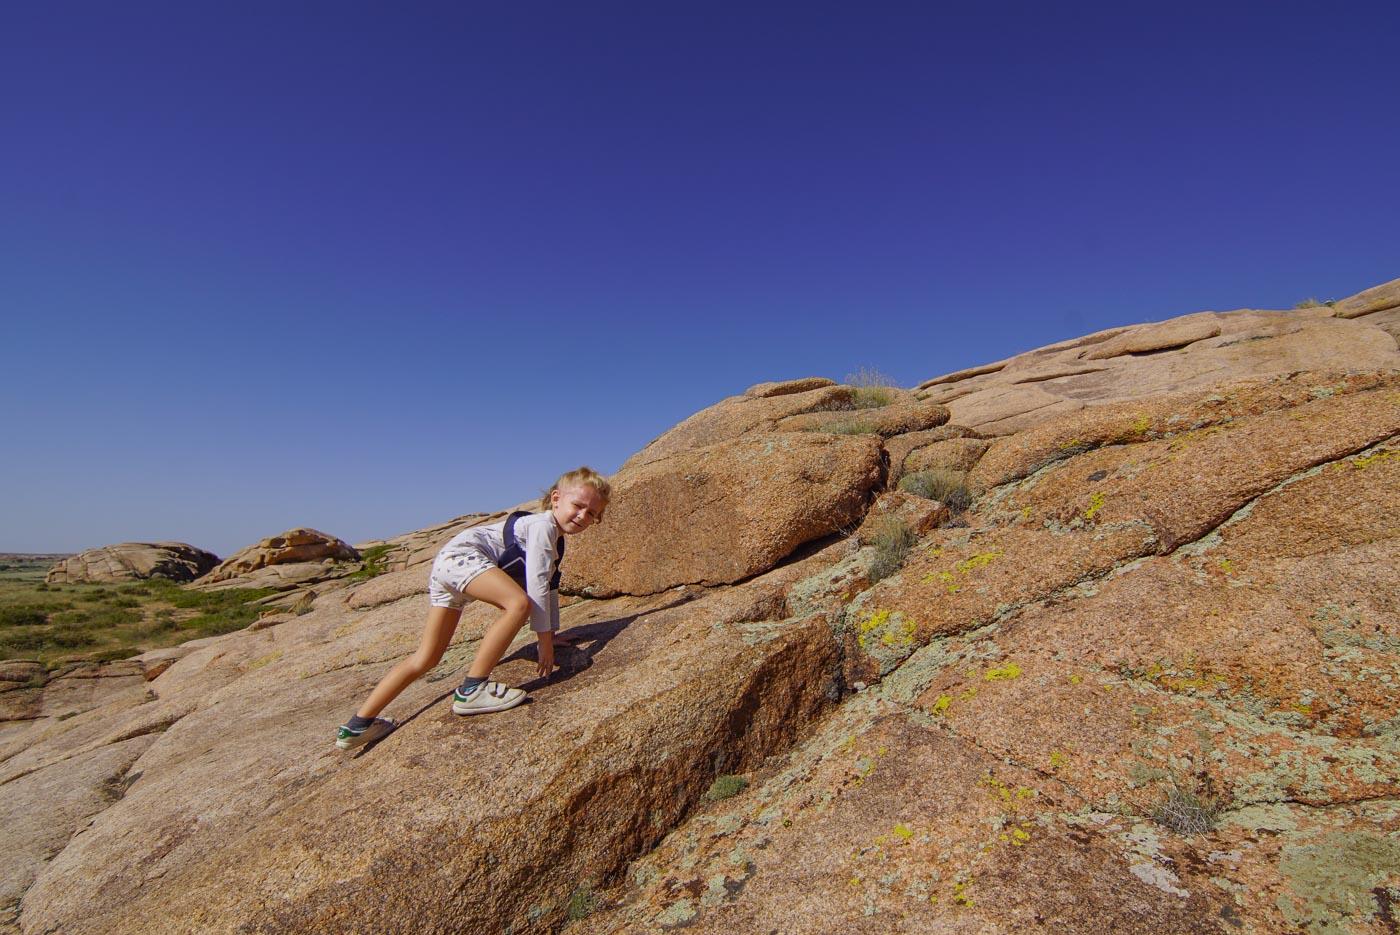 Luk klettert von der Erosion abgerundete Fels Flanke hinauf.